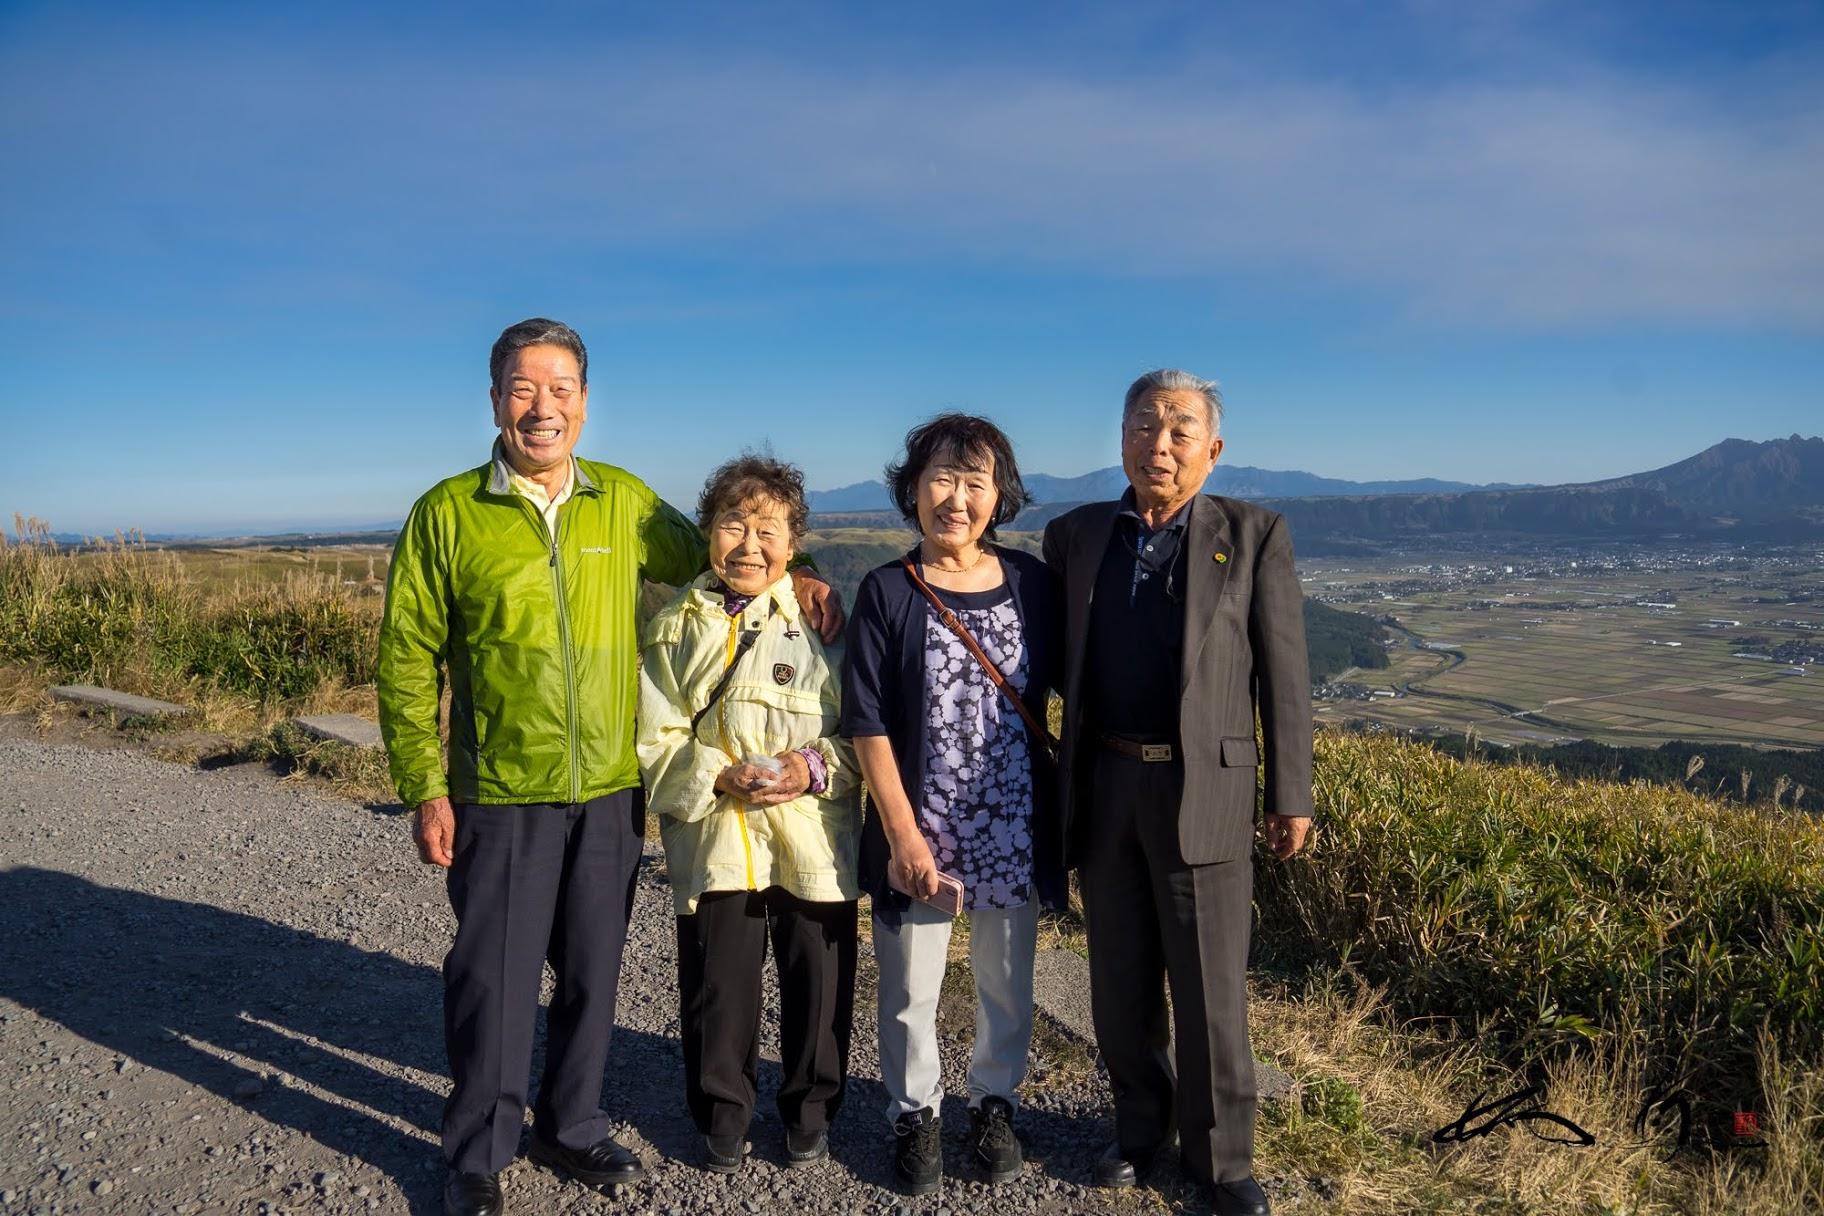 ハッピーカップル・九州旅行 2019【No.2】吉野ケ里歴史公園・阿蘇観光